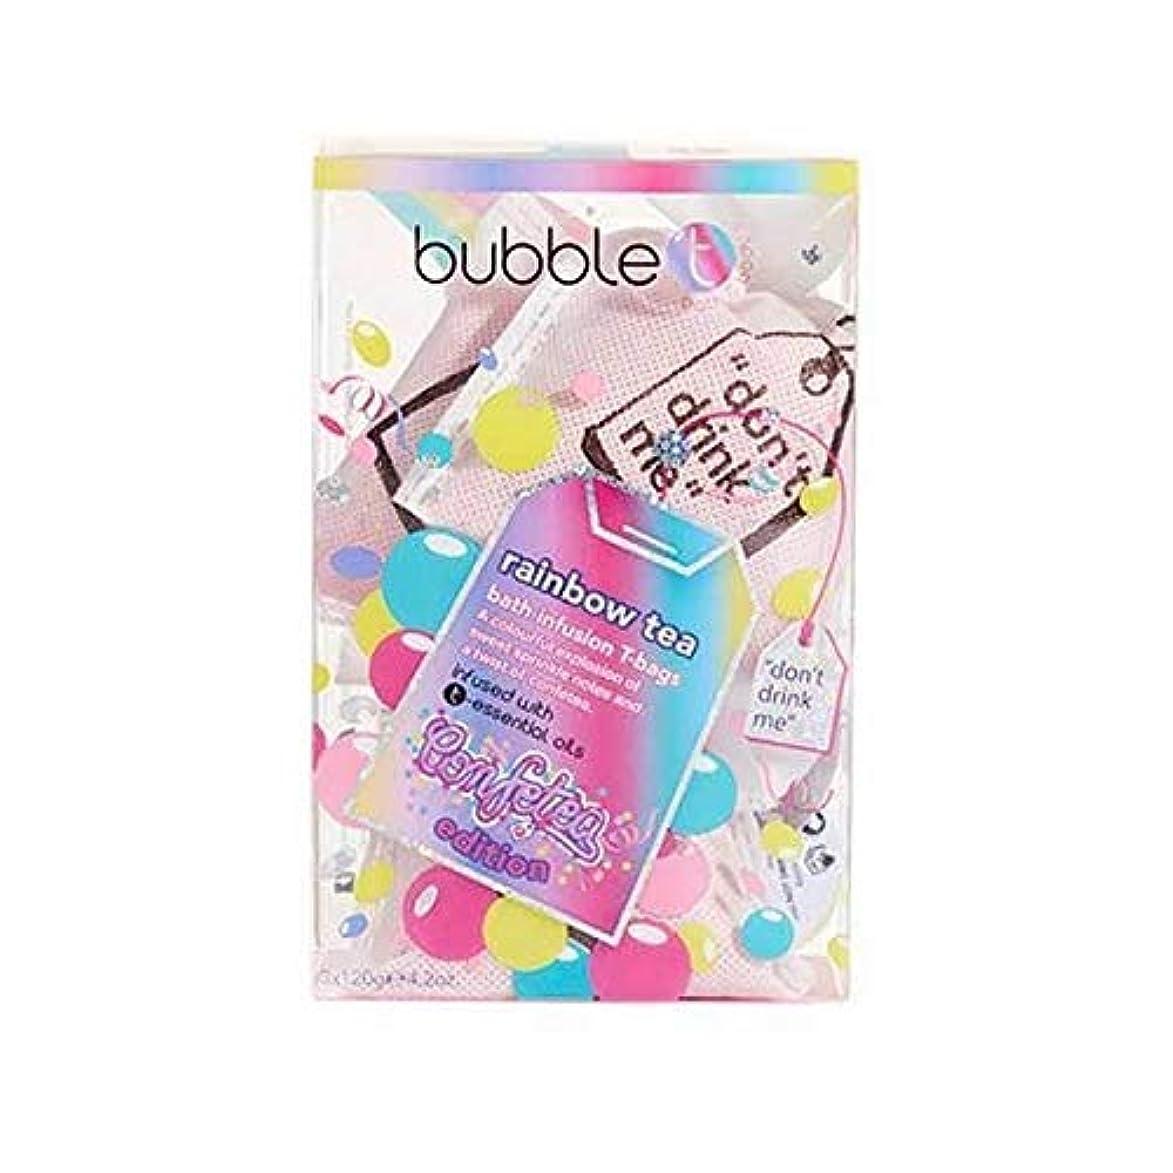 宣言する小切手手[Bubble T ] バブルトンの化粧品 - 入浴輸液ティーバッグ虹のお茶 - Bubble T Cosmetics - Bath infusion tea bags Rainbow tea [並行輸入品]